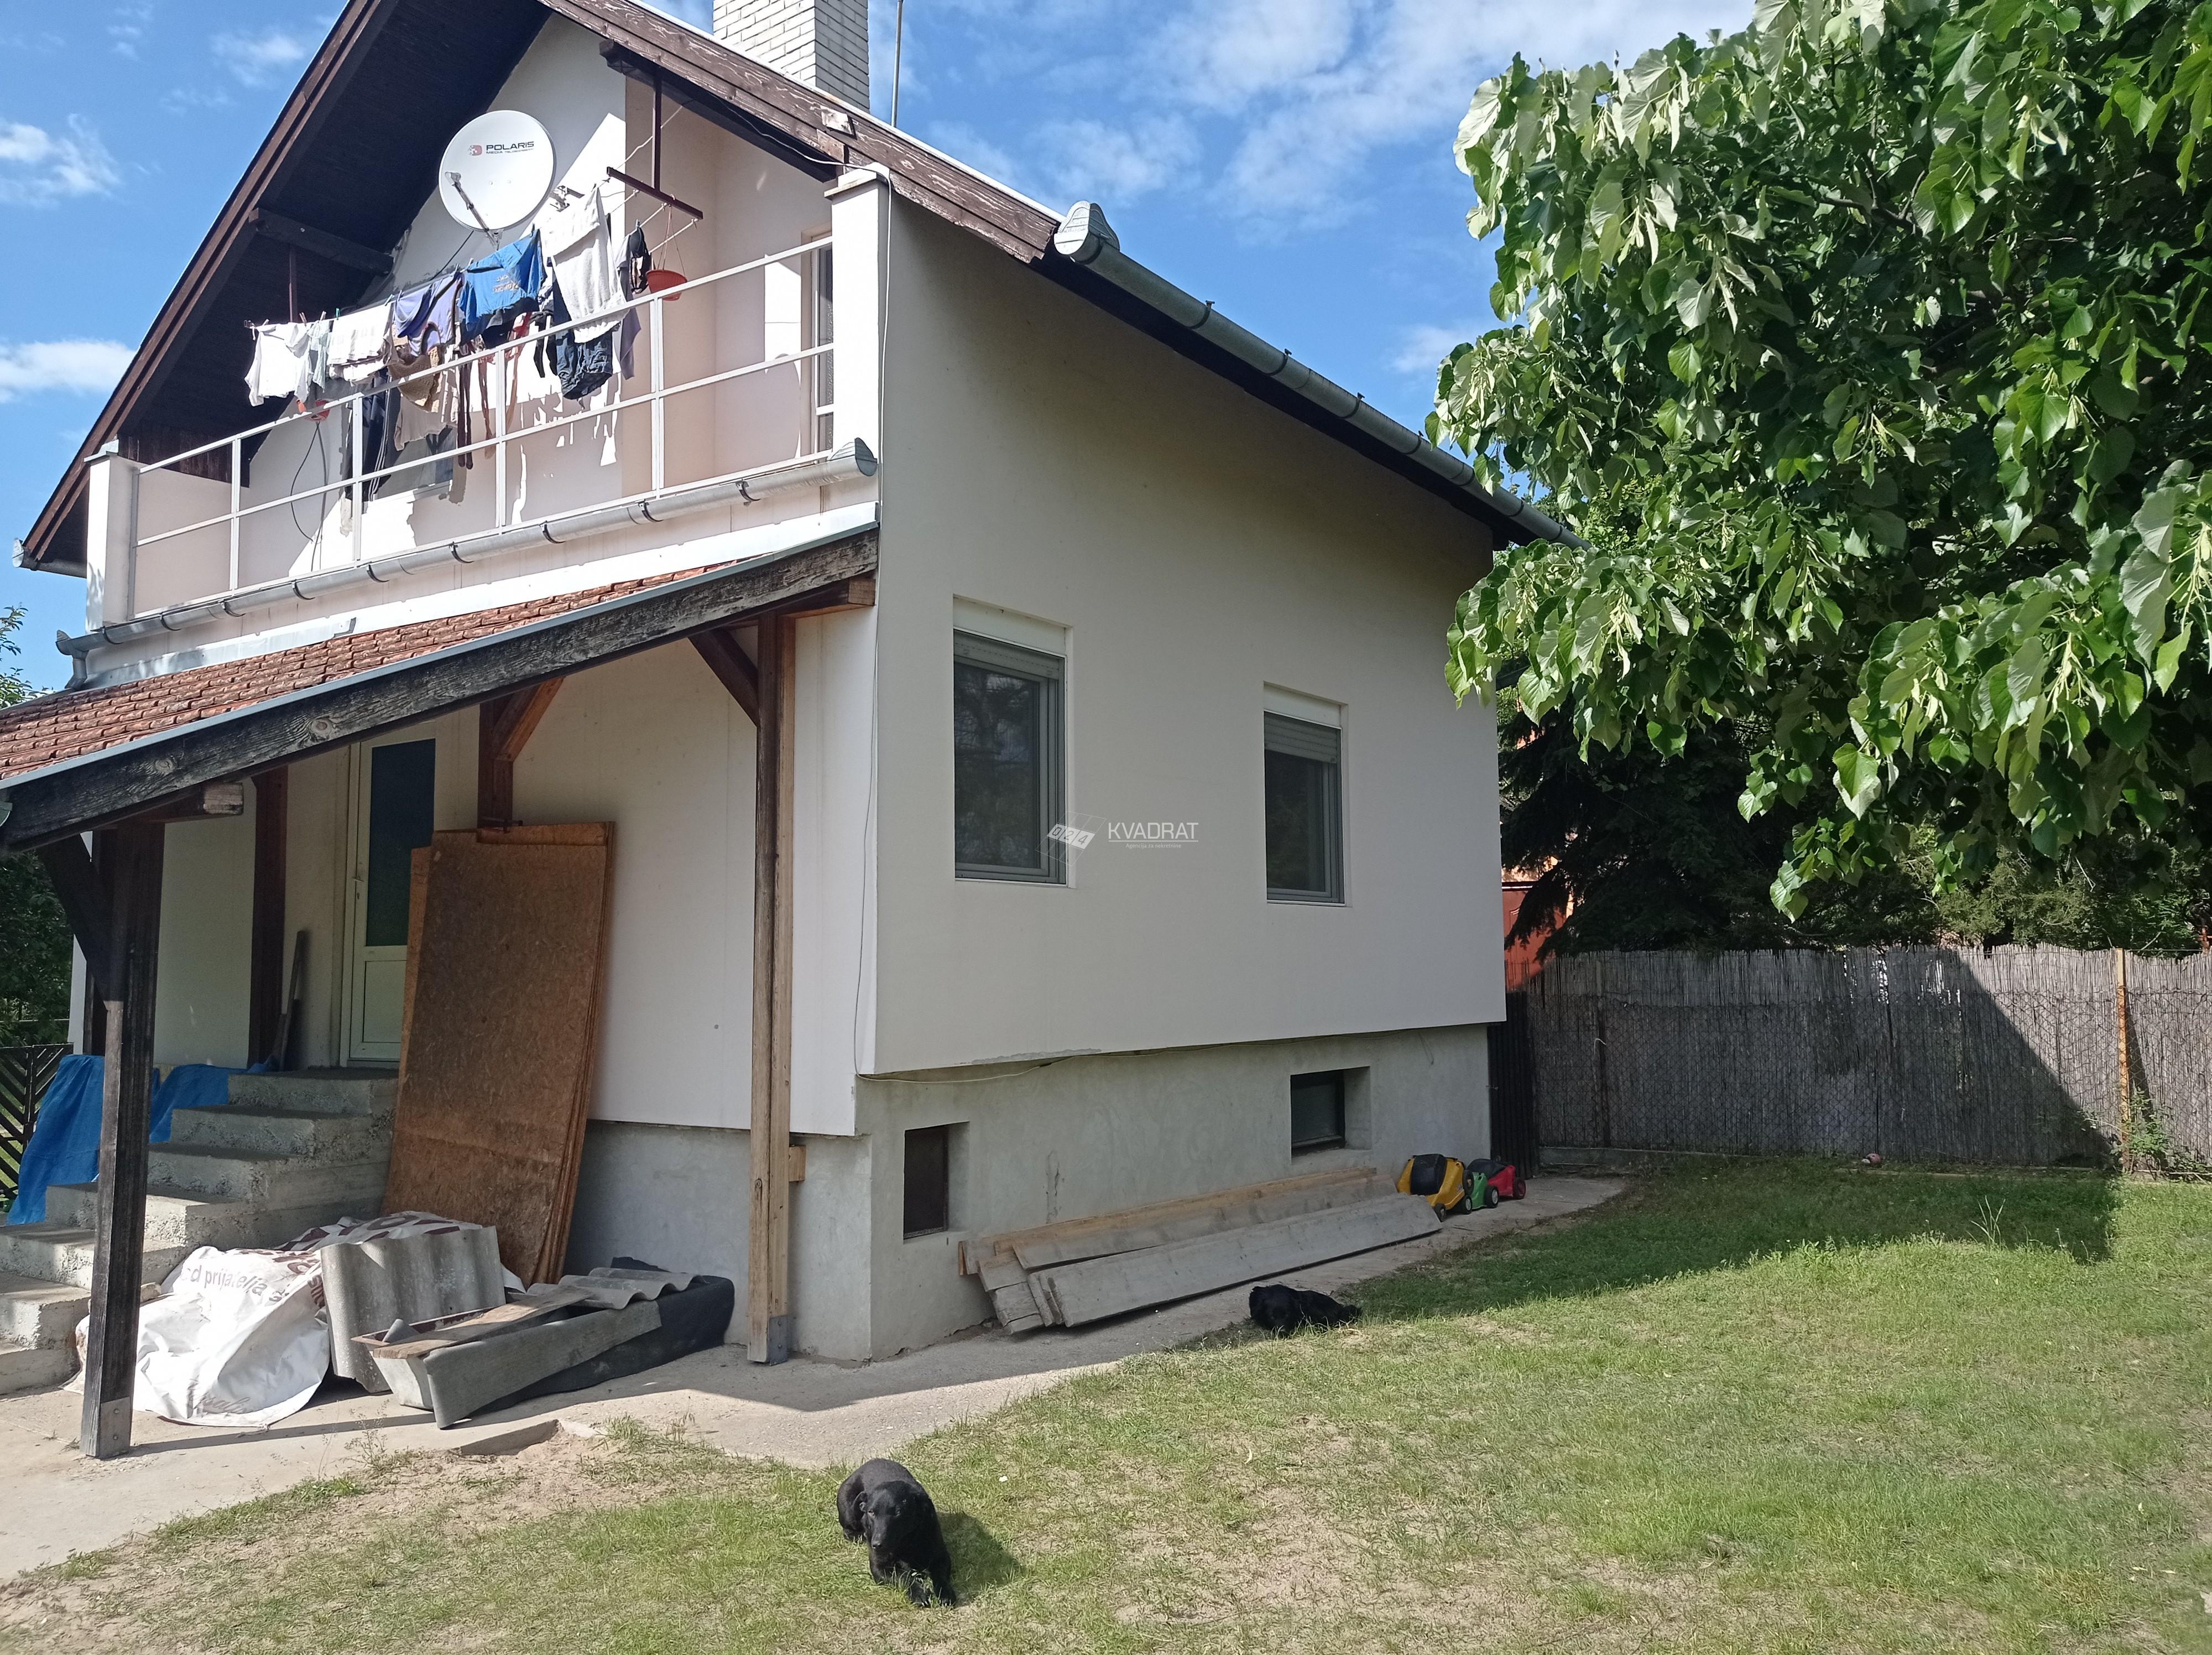 Srpski šor, prizemna samostalna kuća sa potkrovljem!